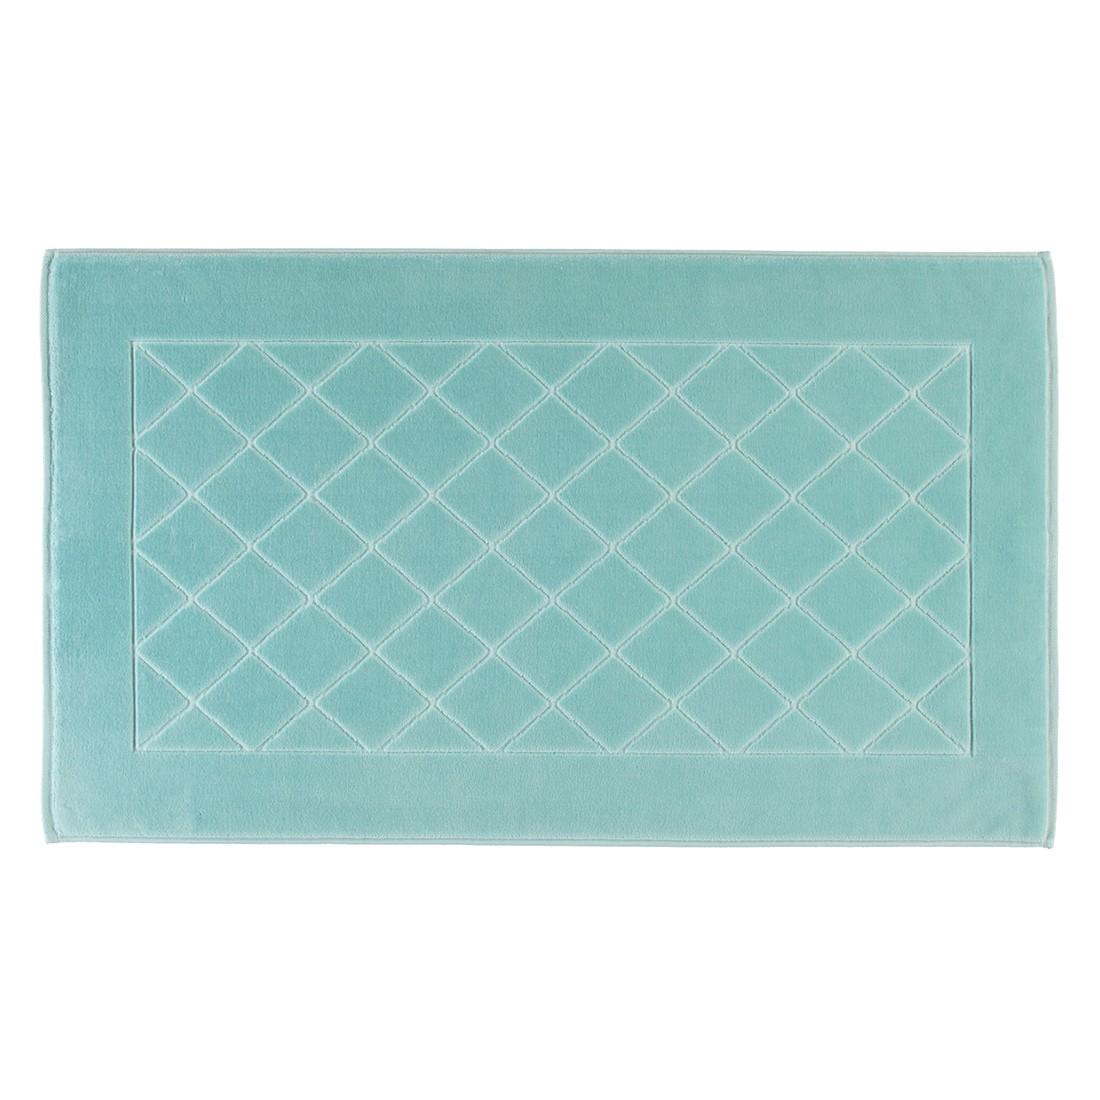 Badteppiche Dreams – Baumwolle – Kristallgrün – 60×60 cm, Vossen bestellen